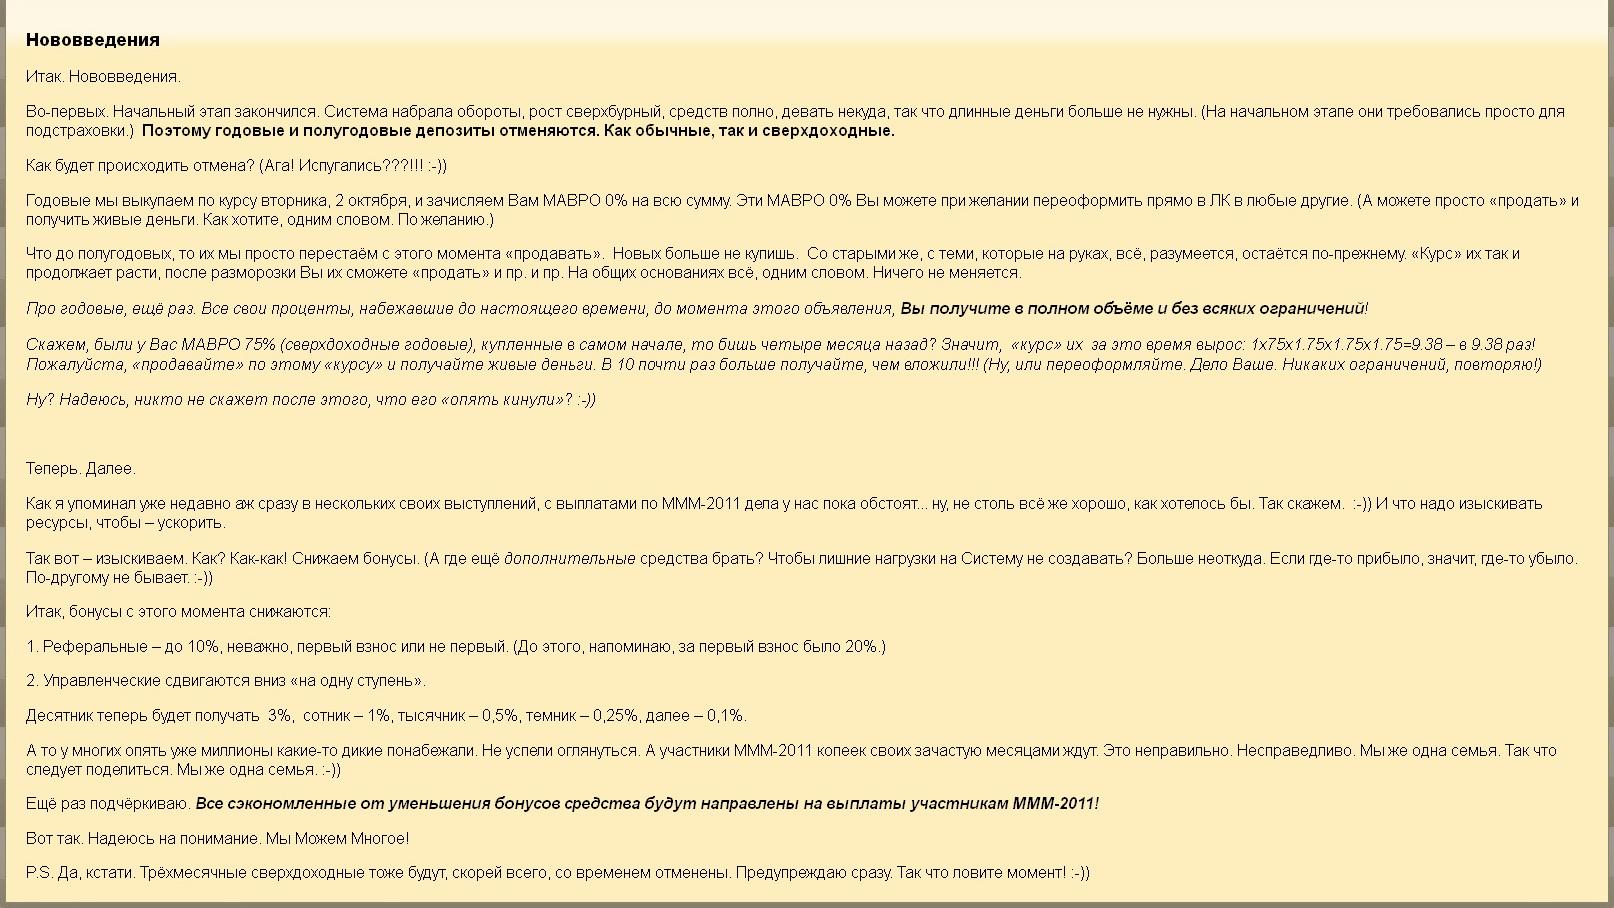 Нововведения МММ-2012 от 2 октября 2012